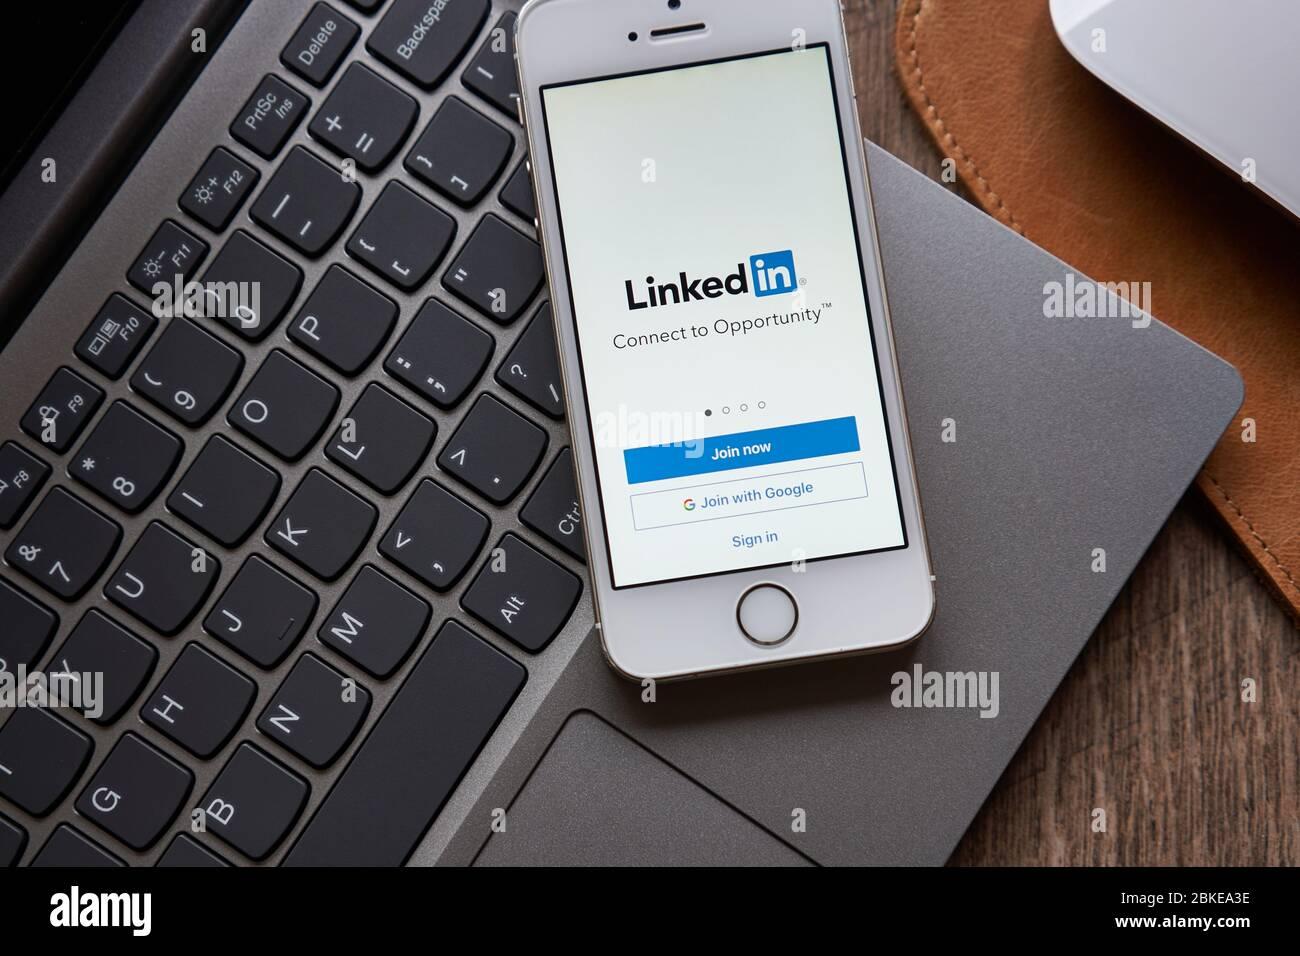 Linkedin Login Stockfotos und  bilder Kaufen   Alamy